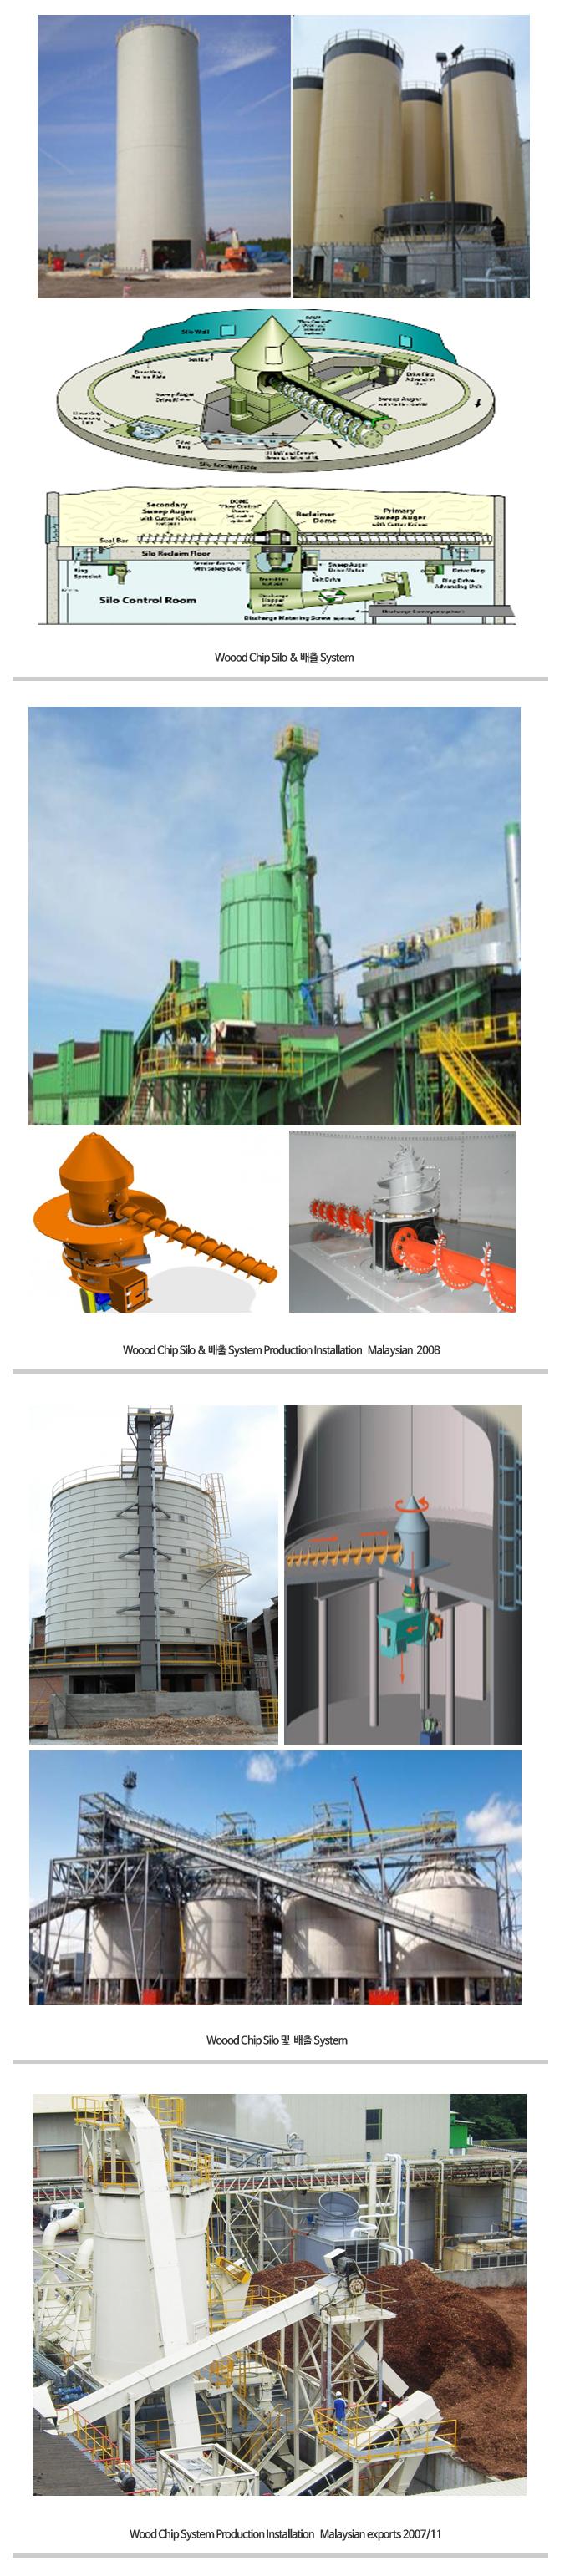 대성제이테크 Wood Chip & Wood Pellet Plant System  2